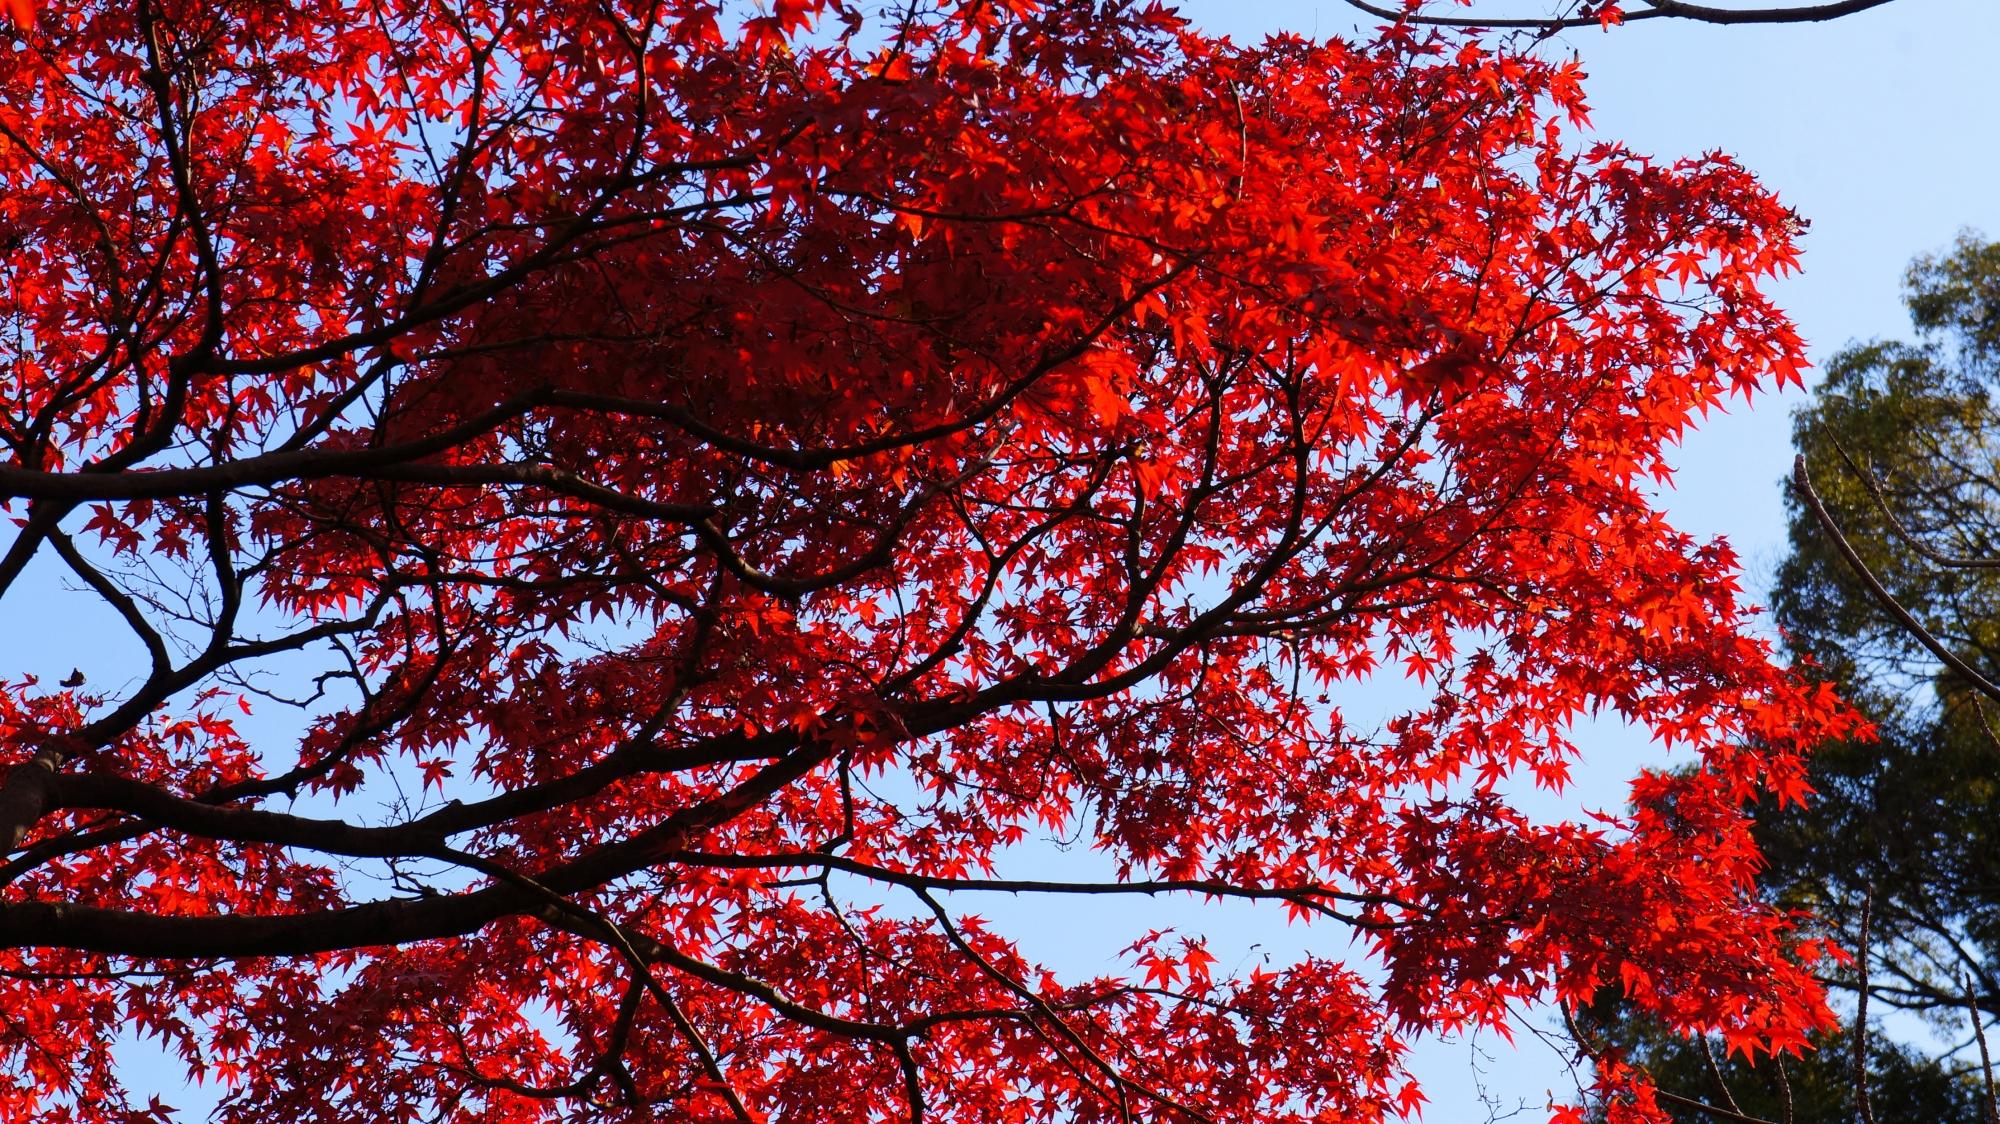 勧修寺の鮮烈な赤さの紅葉